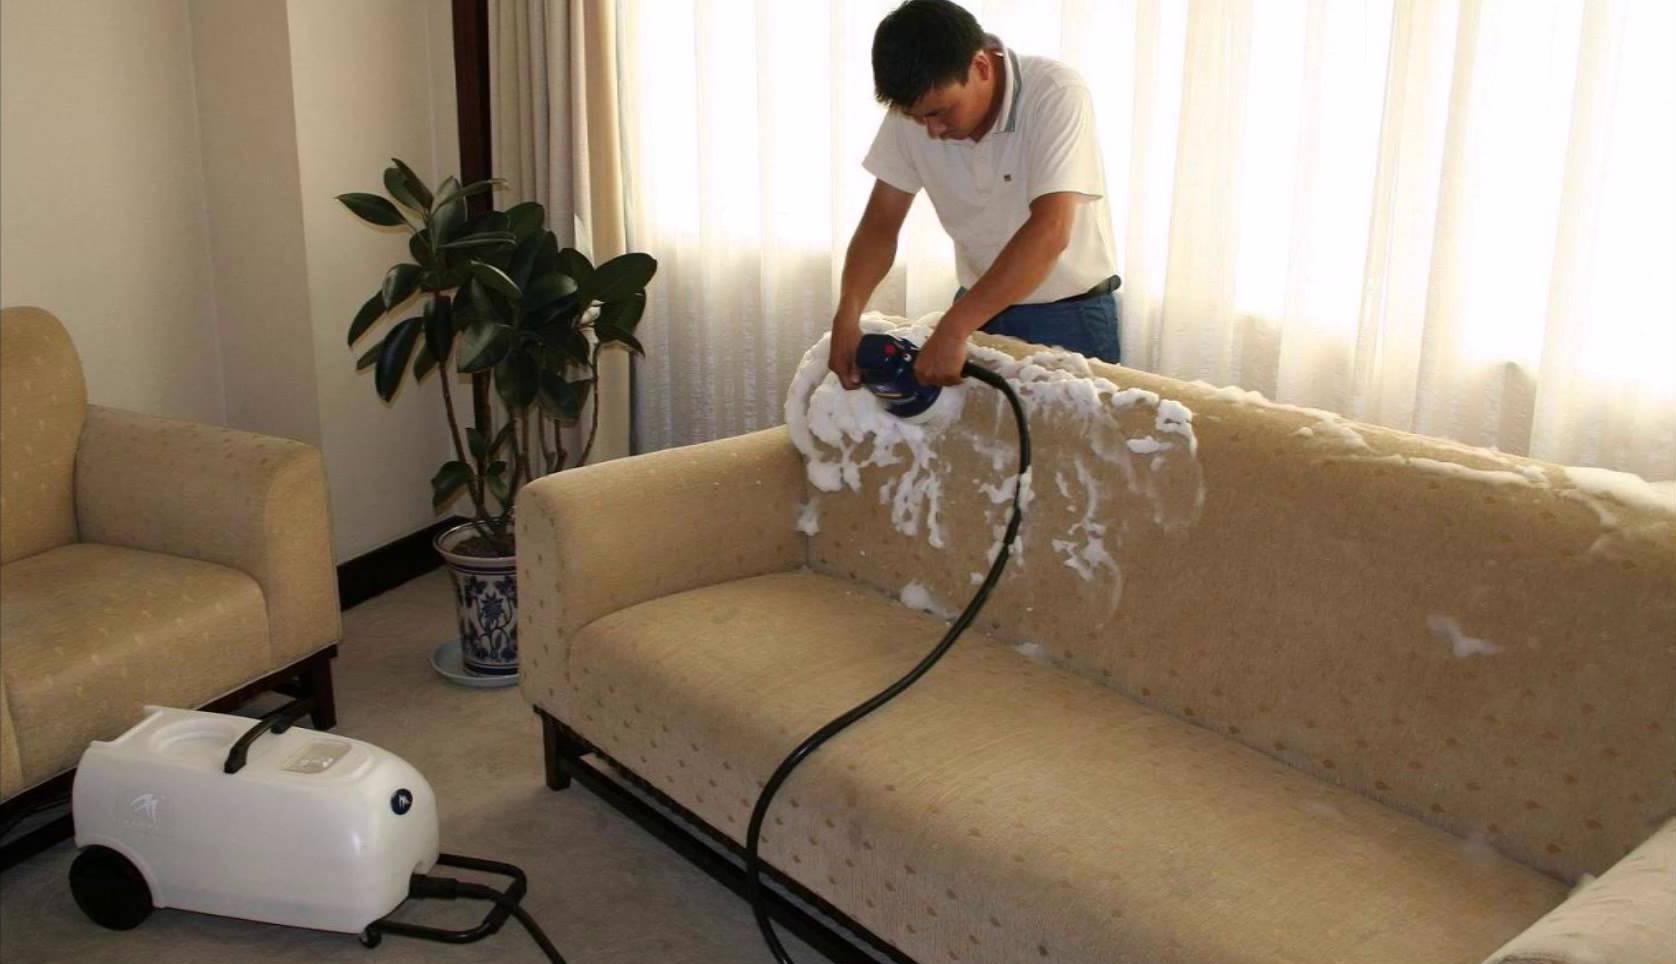 Dịch vụ giặt ghế sofa tại nhà tphcm - Vệ Sinh Việt